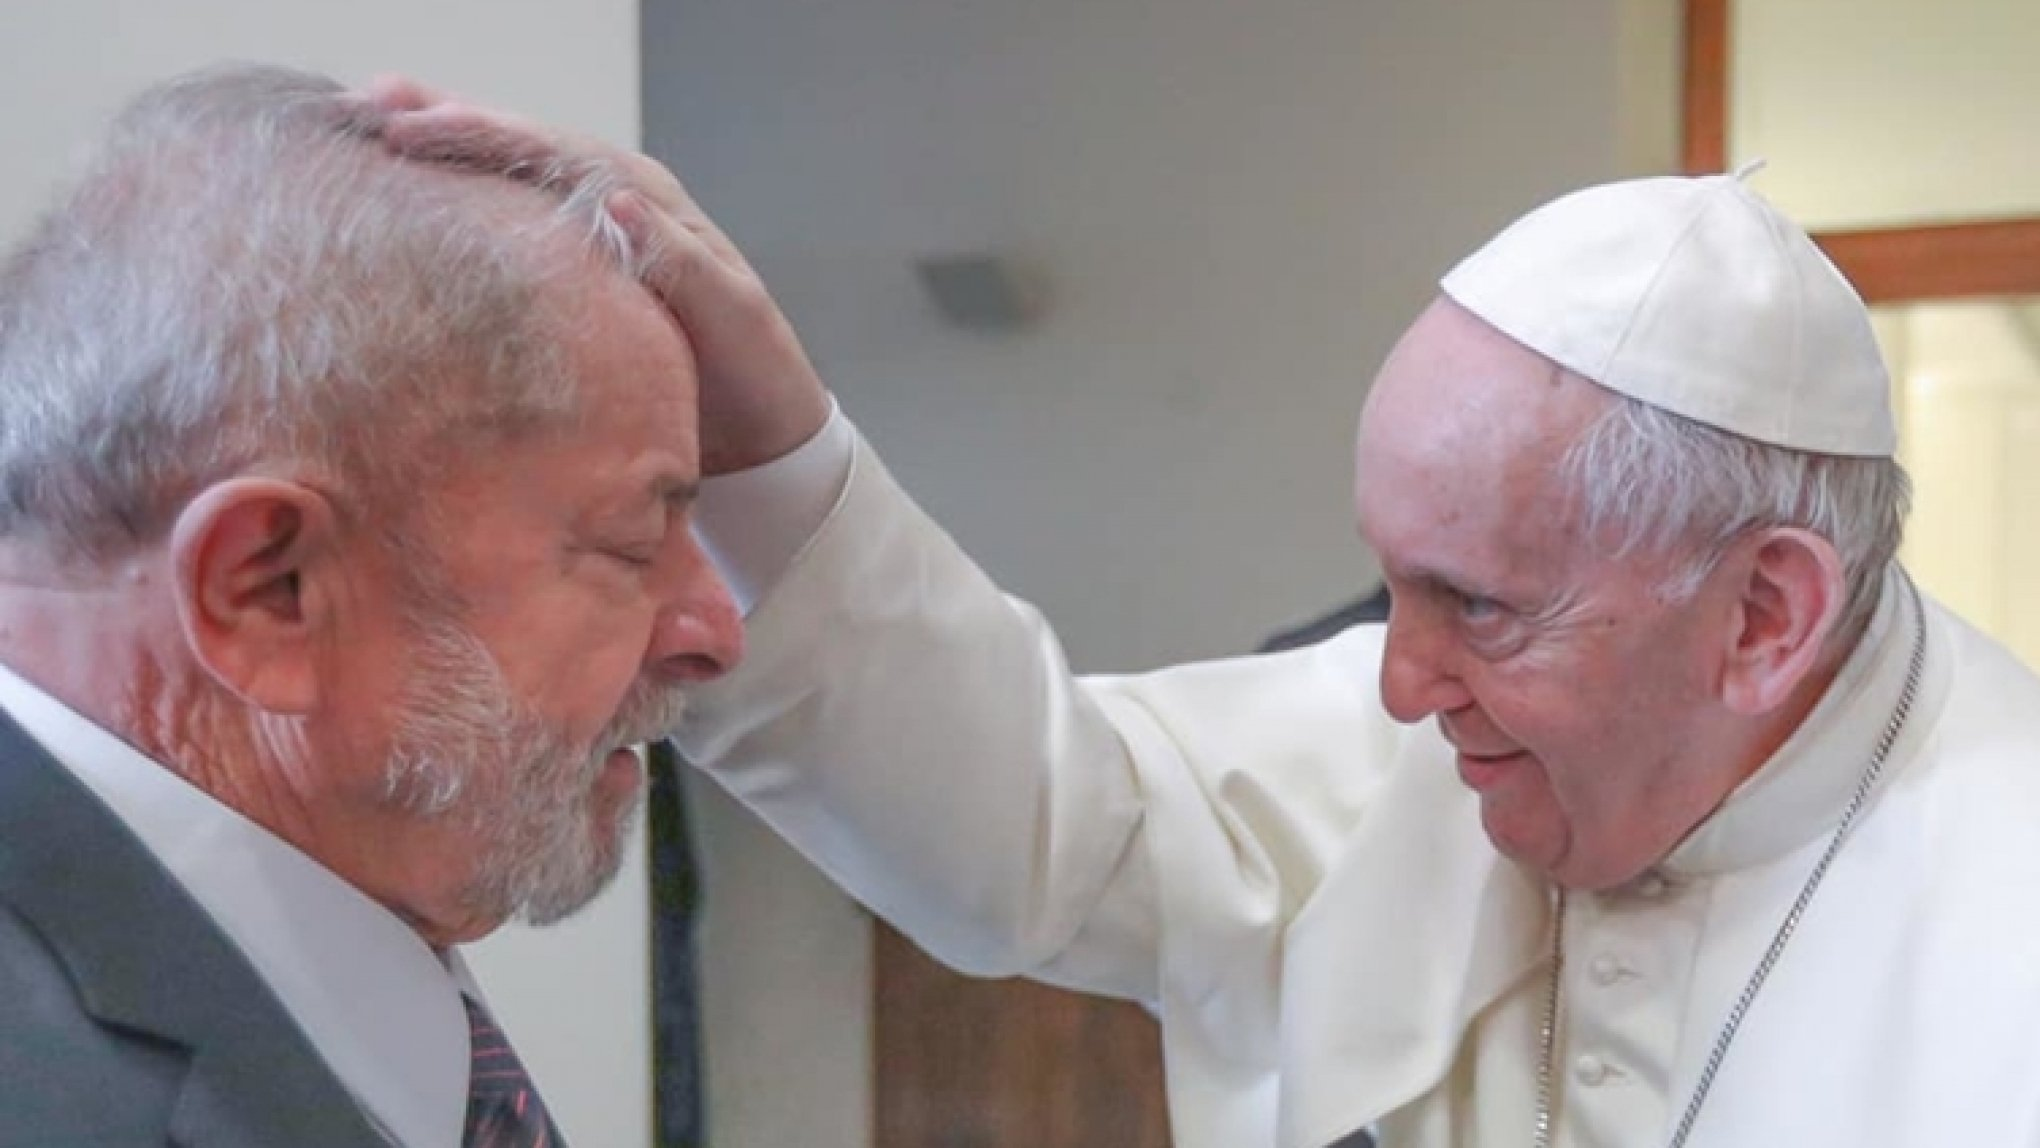 IMAGEM: Mais de um ano depois, a Igreja brasileira ainda se pergunta por que o papa recebeu Lula